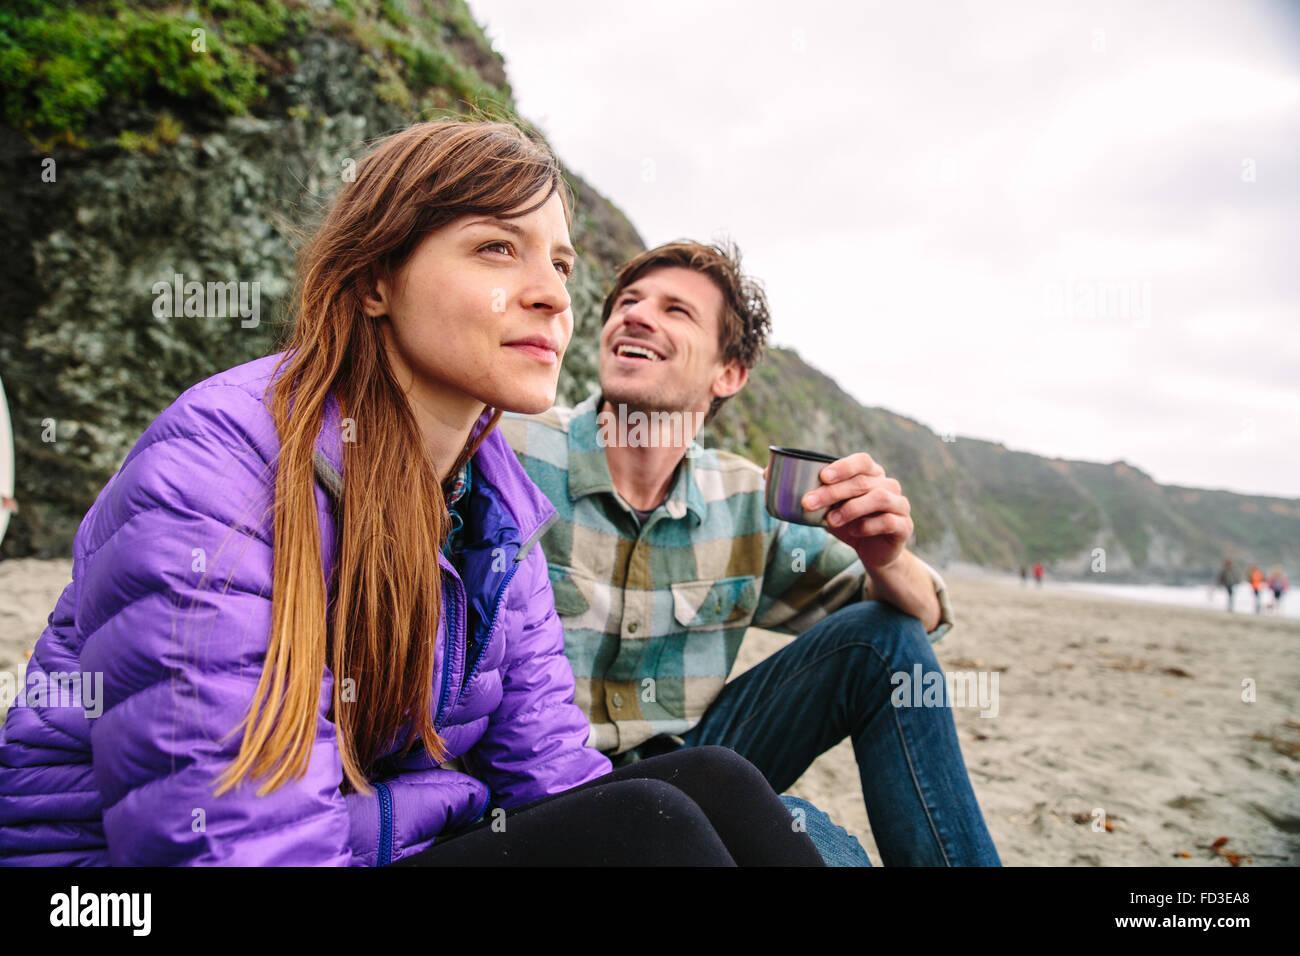 Una giovane coppia godendo di un pomeriggio sulle spiagge di Big Sur, California. Immagini Stock